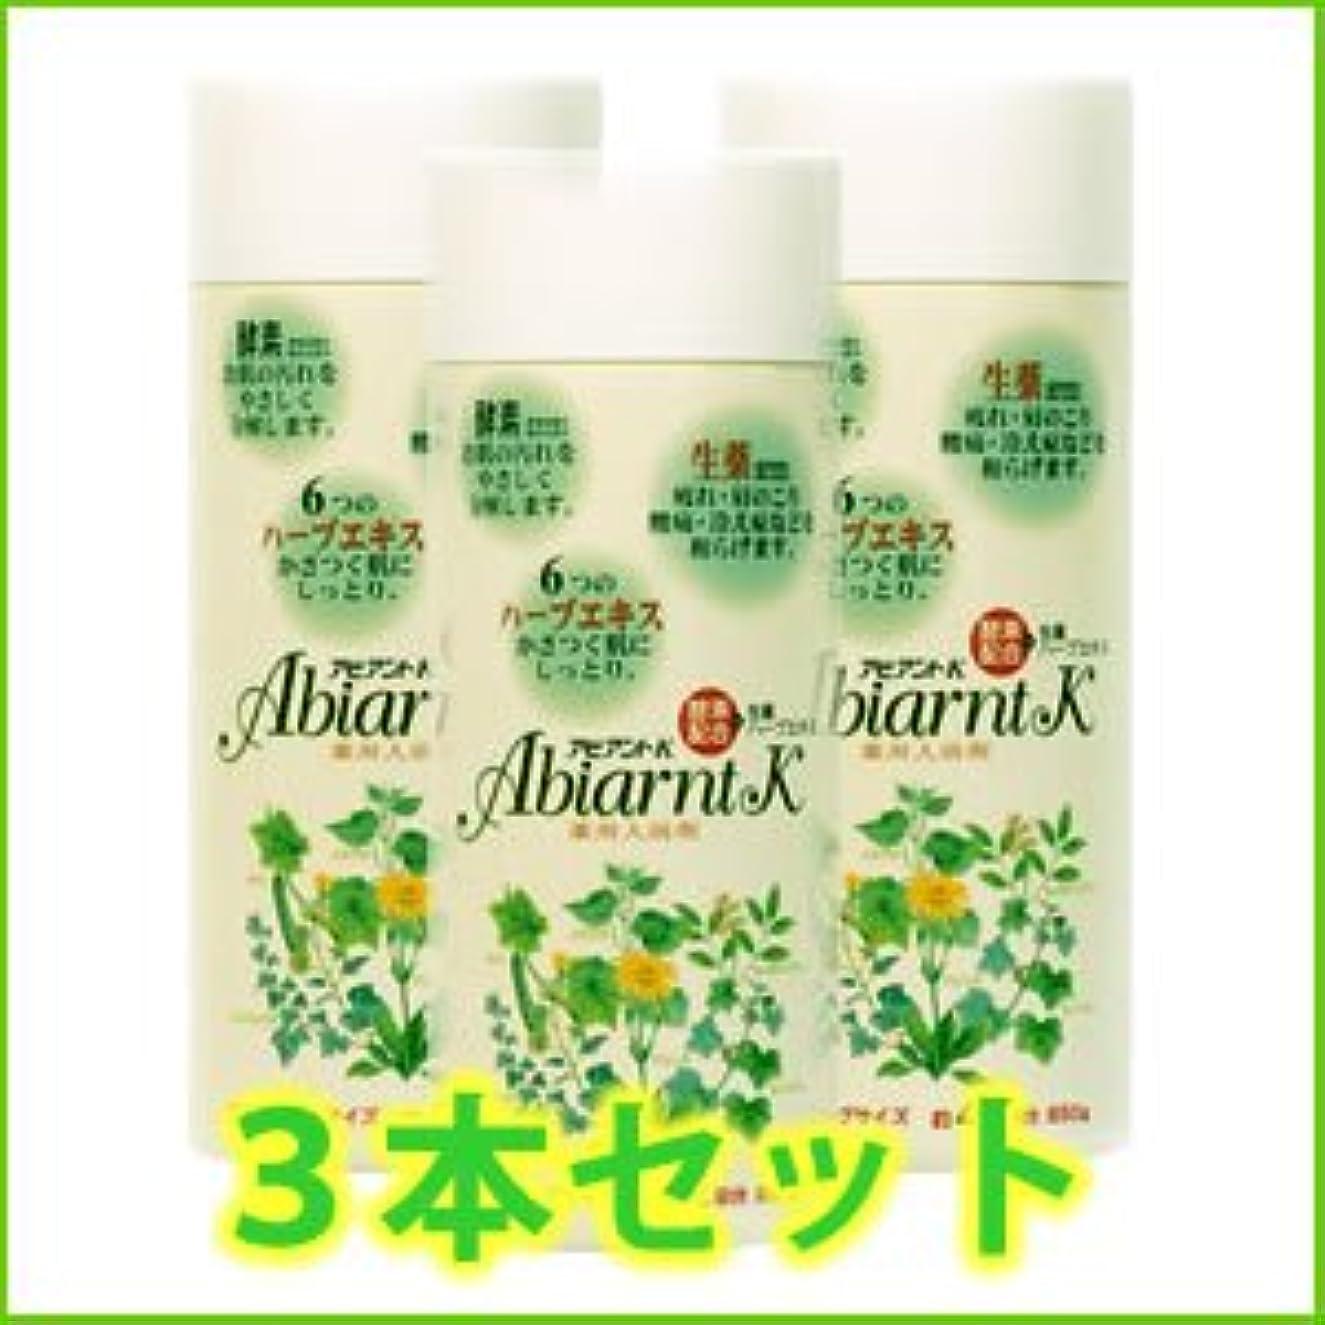 アヒル第四ボイコット薬用入浴剤 アビアントK 850g ×3